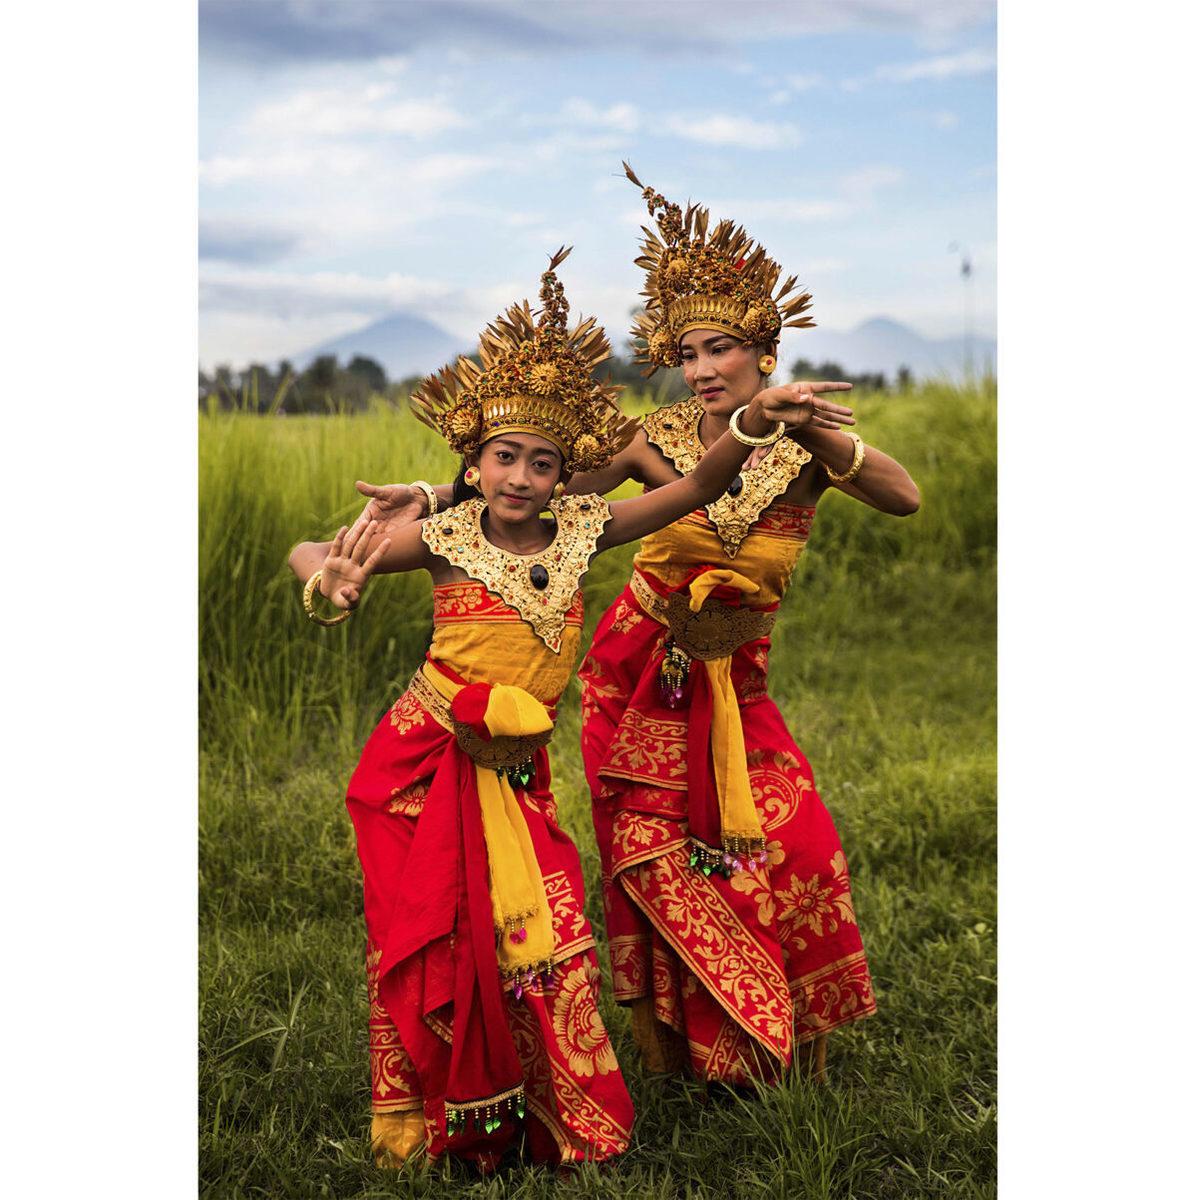 印度尼西亞峇里島的母親正在教她的女兒跳傳統舞蹈。(米哈艾拉提供)